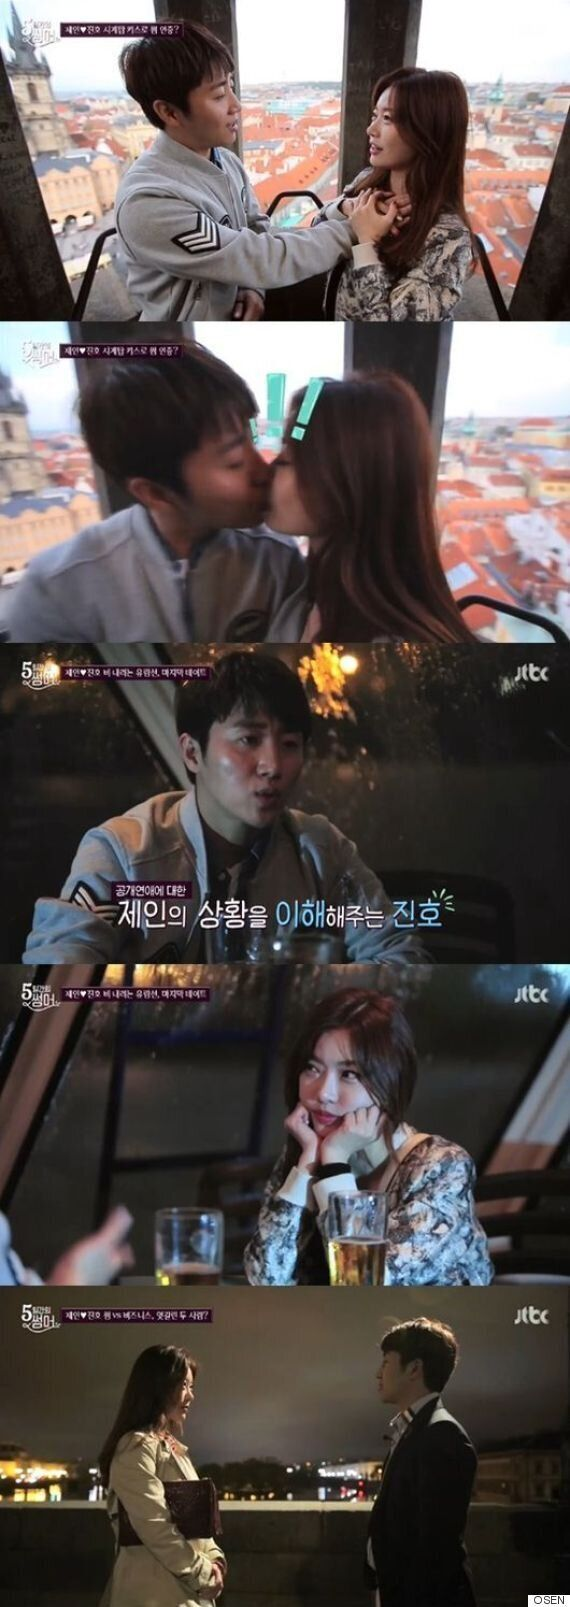 '5일간의썸머' 홍진호♥레제, 비즈니스 커플